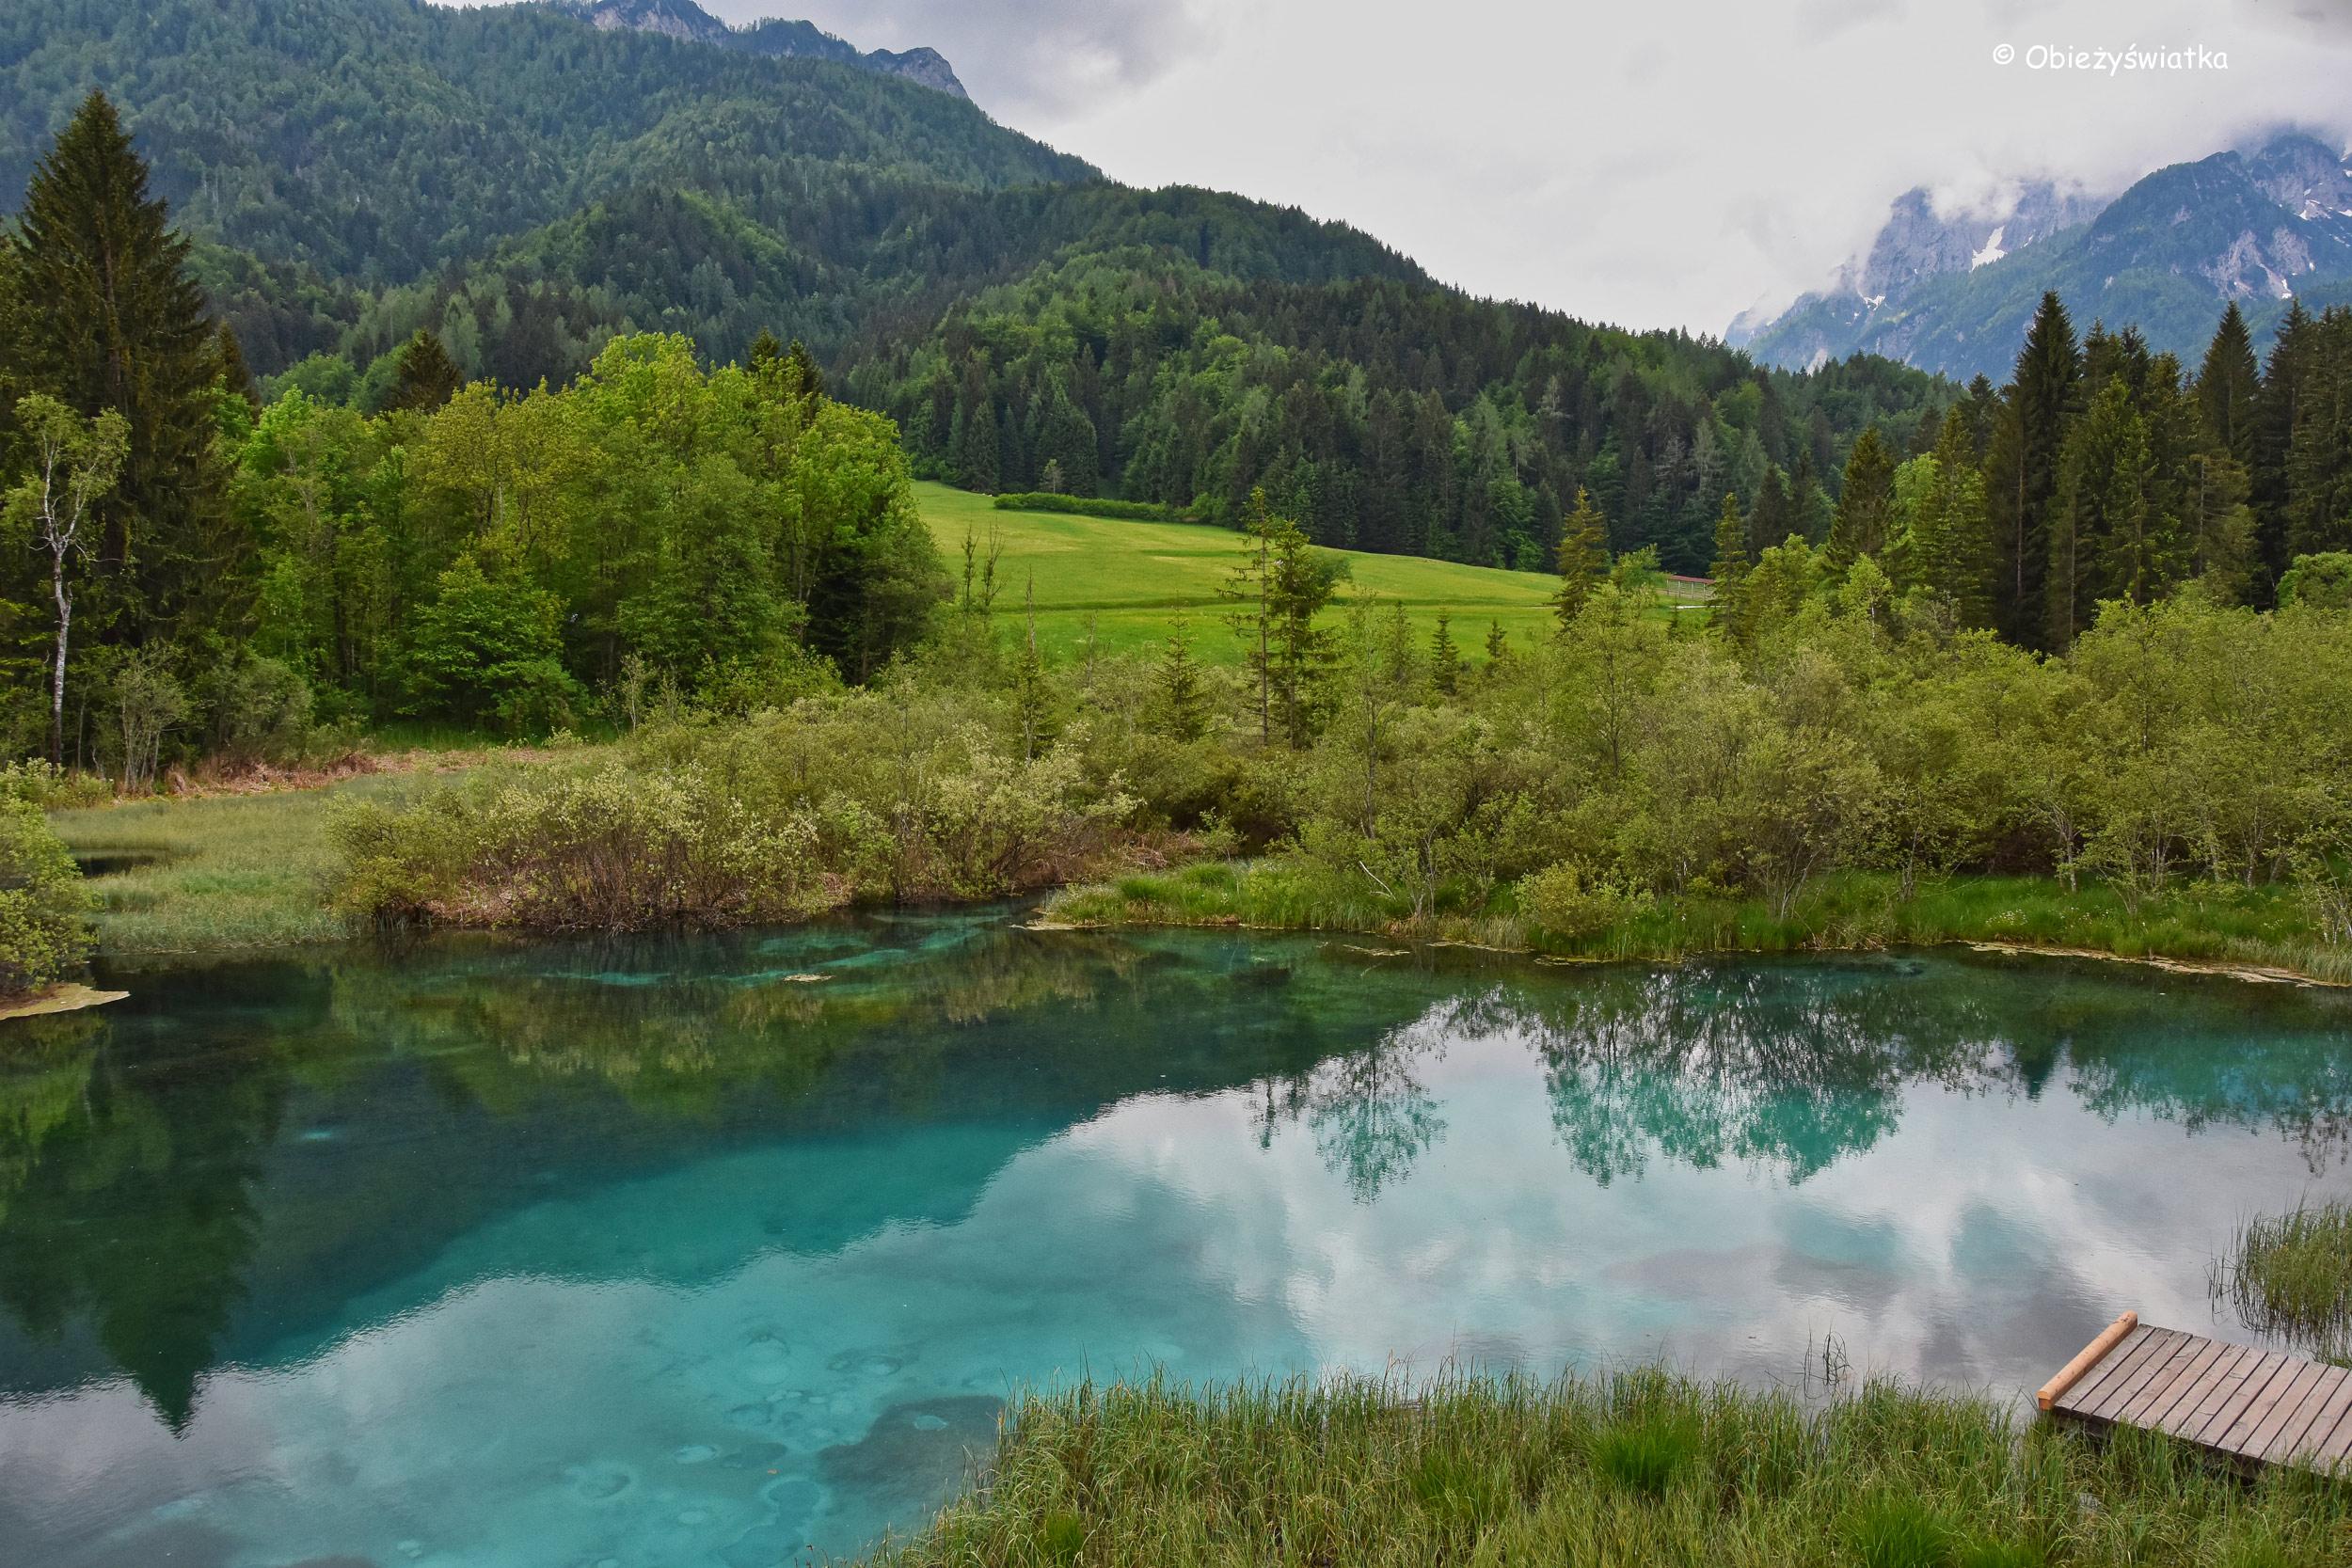 Alpy i Jezioro Zelenci, Słowenia